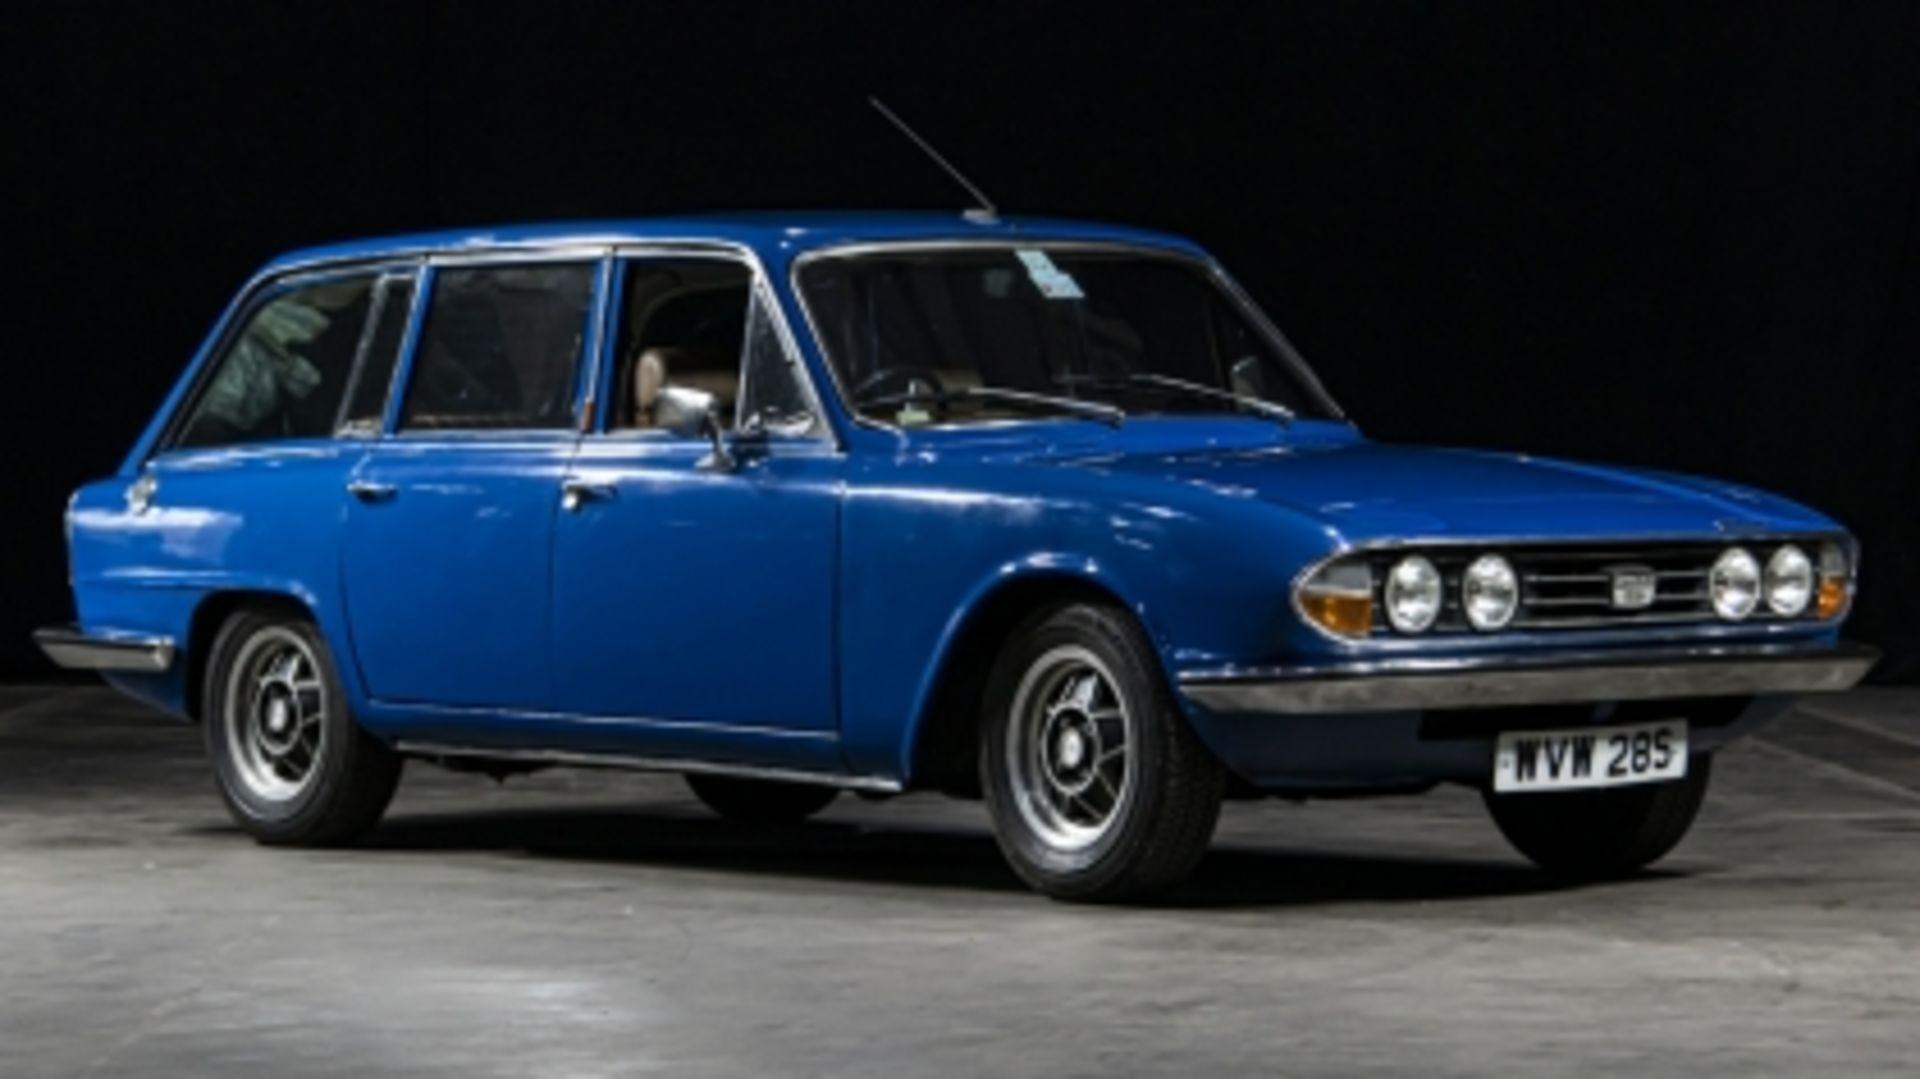 Lot 537 - 1977 Triumph 2500S Estate